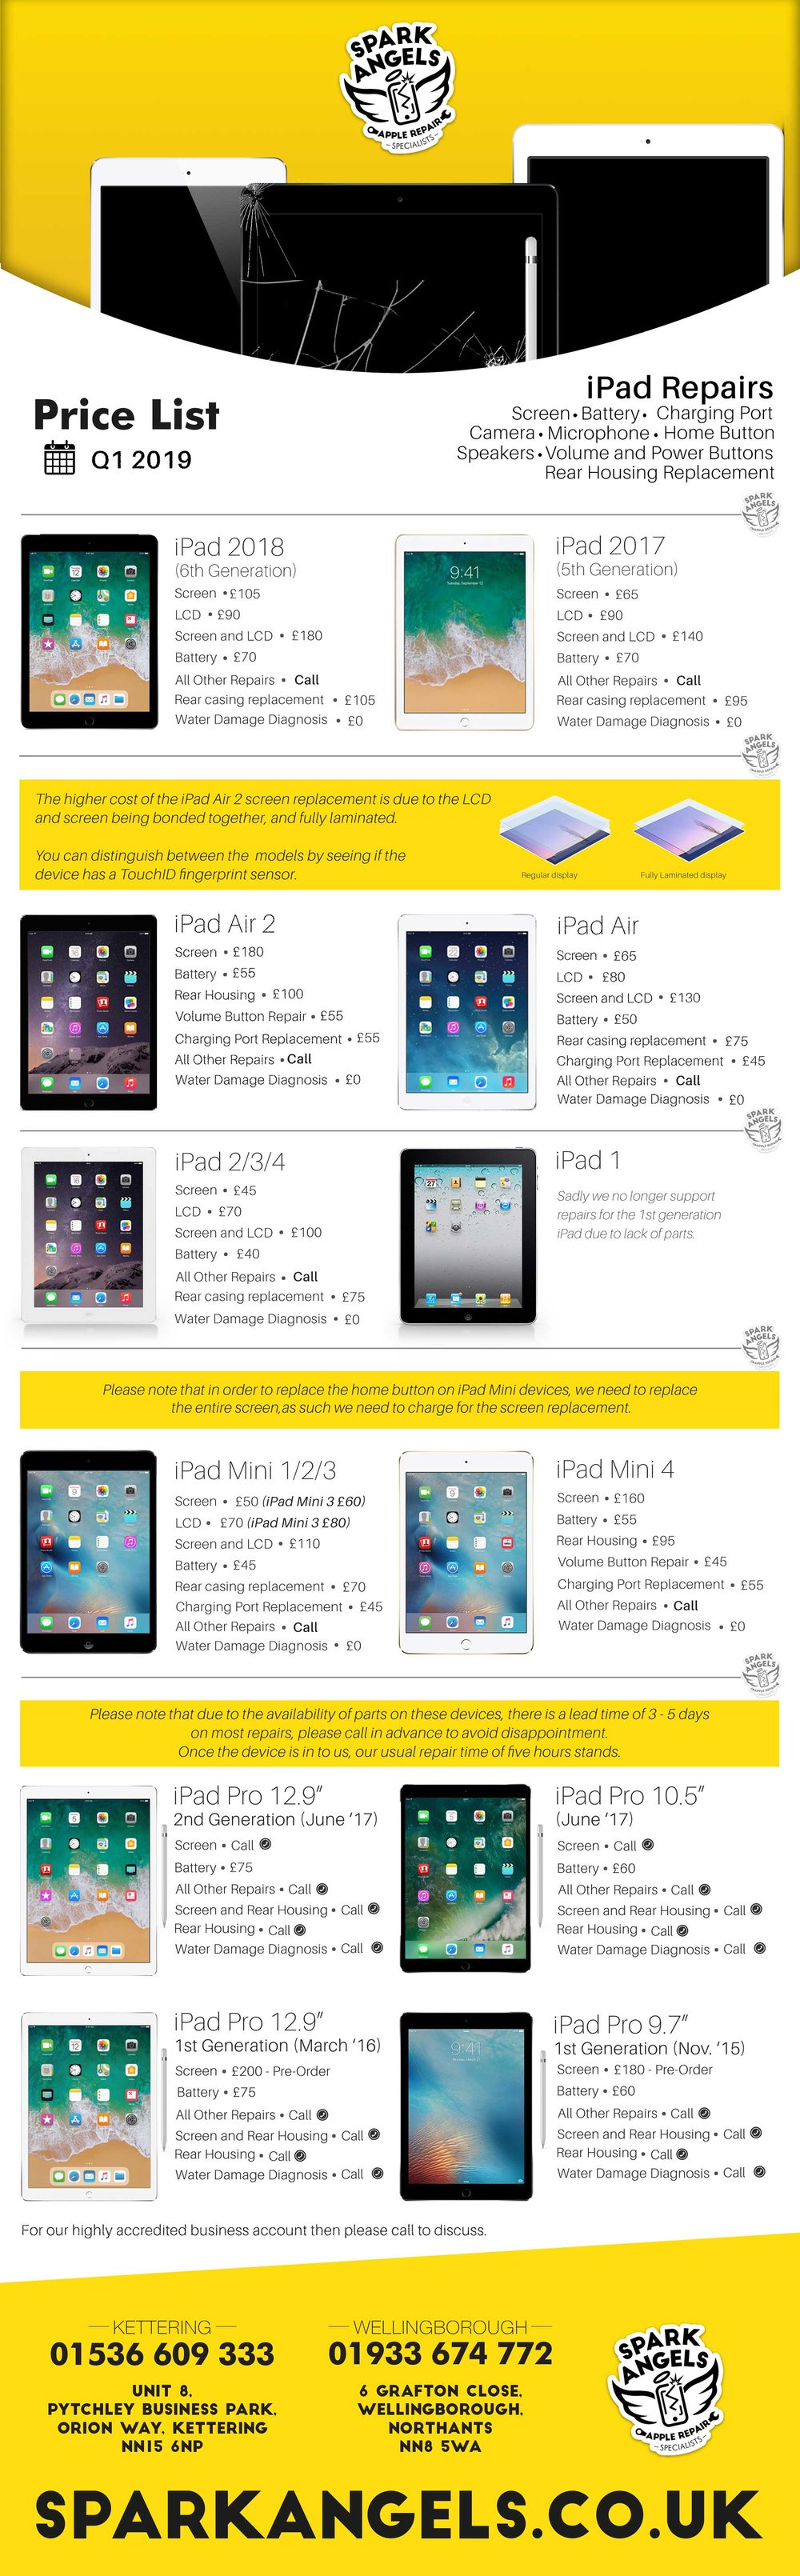 190314-Q1-iPad-Price-List_MED_1800.jpg